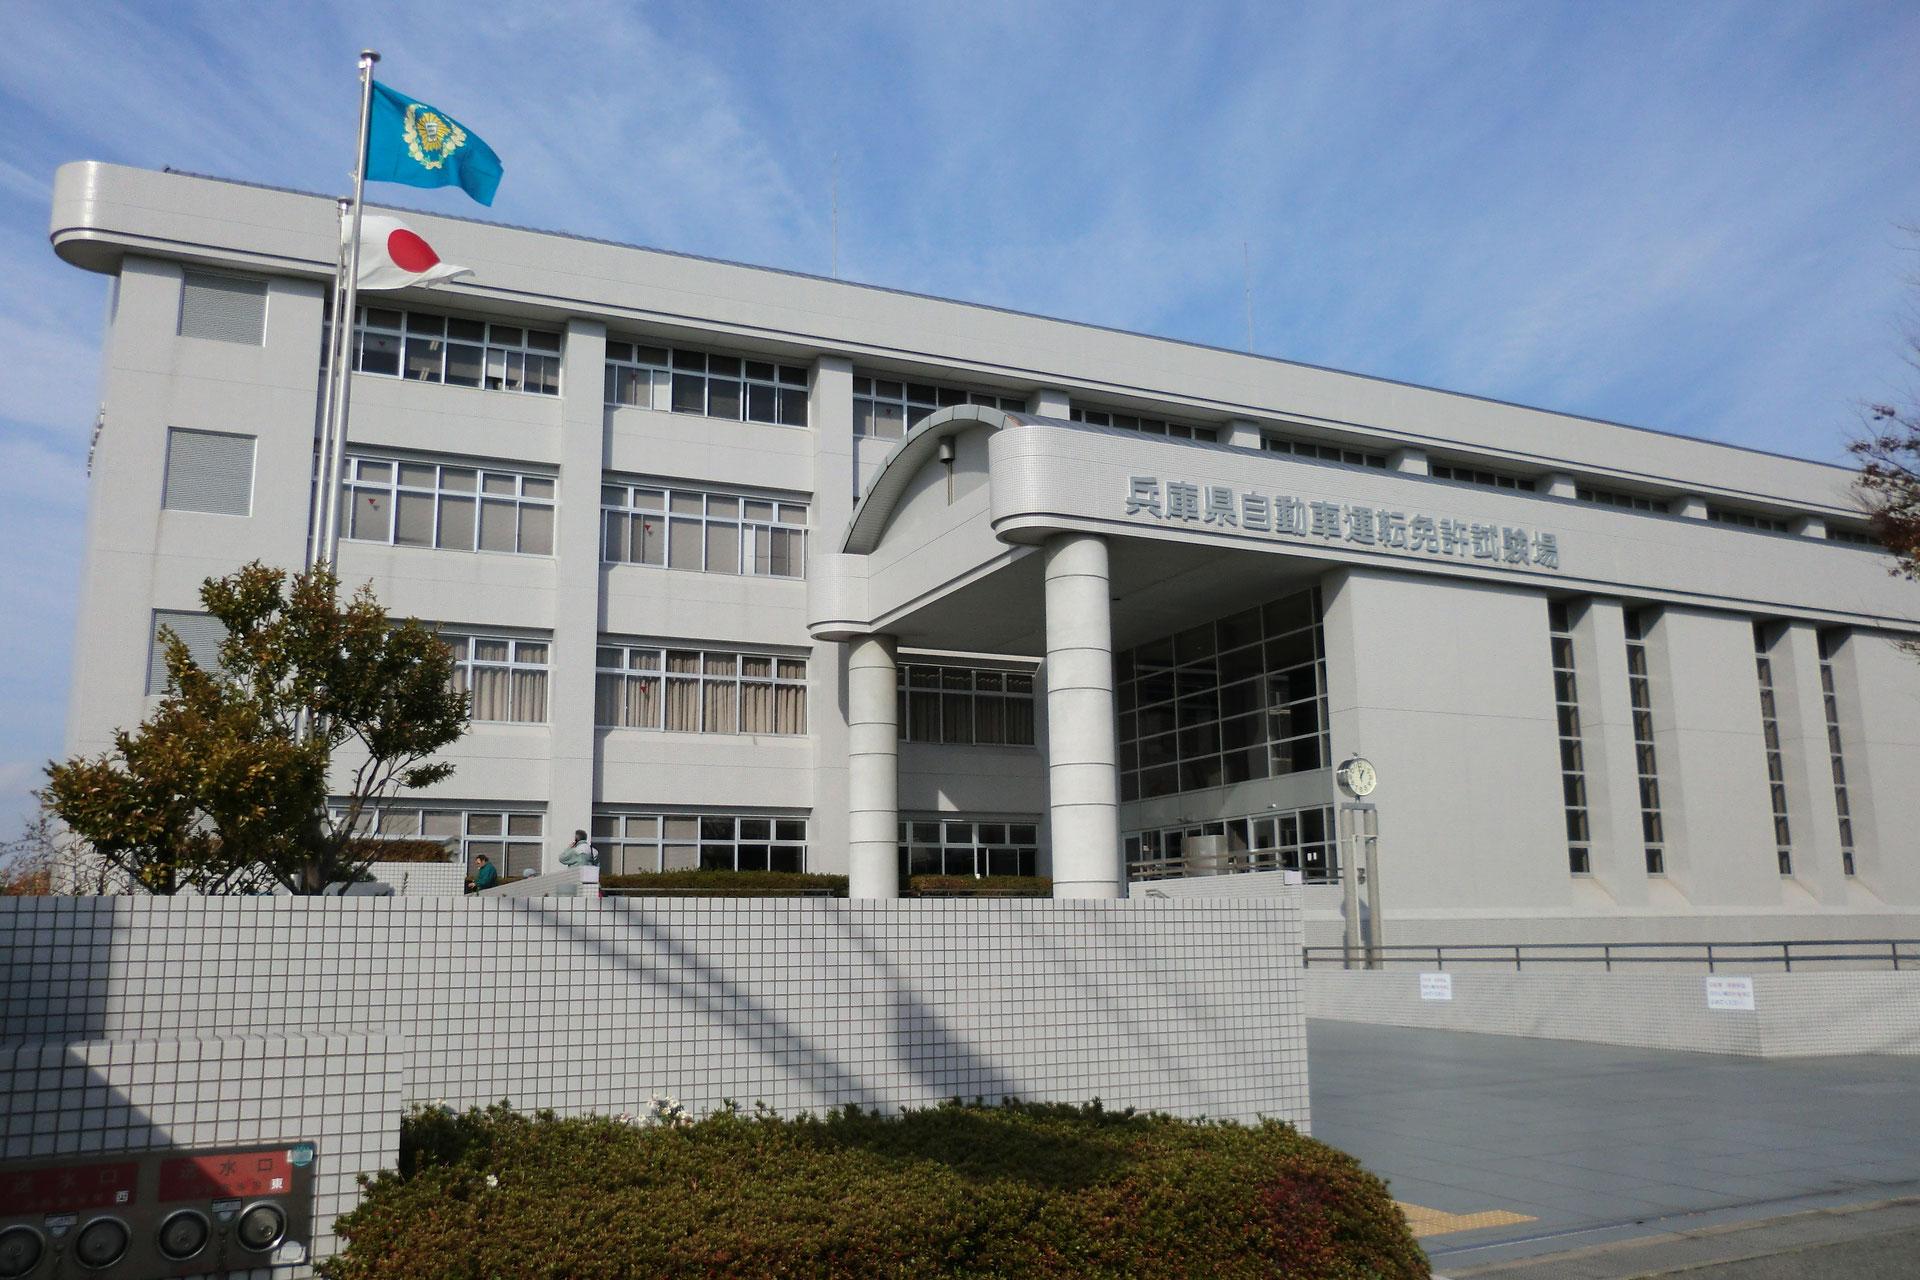 予約 明石 試験場 兵庫県運転免許試験場(明石)